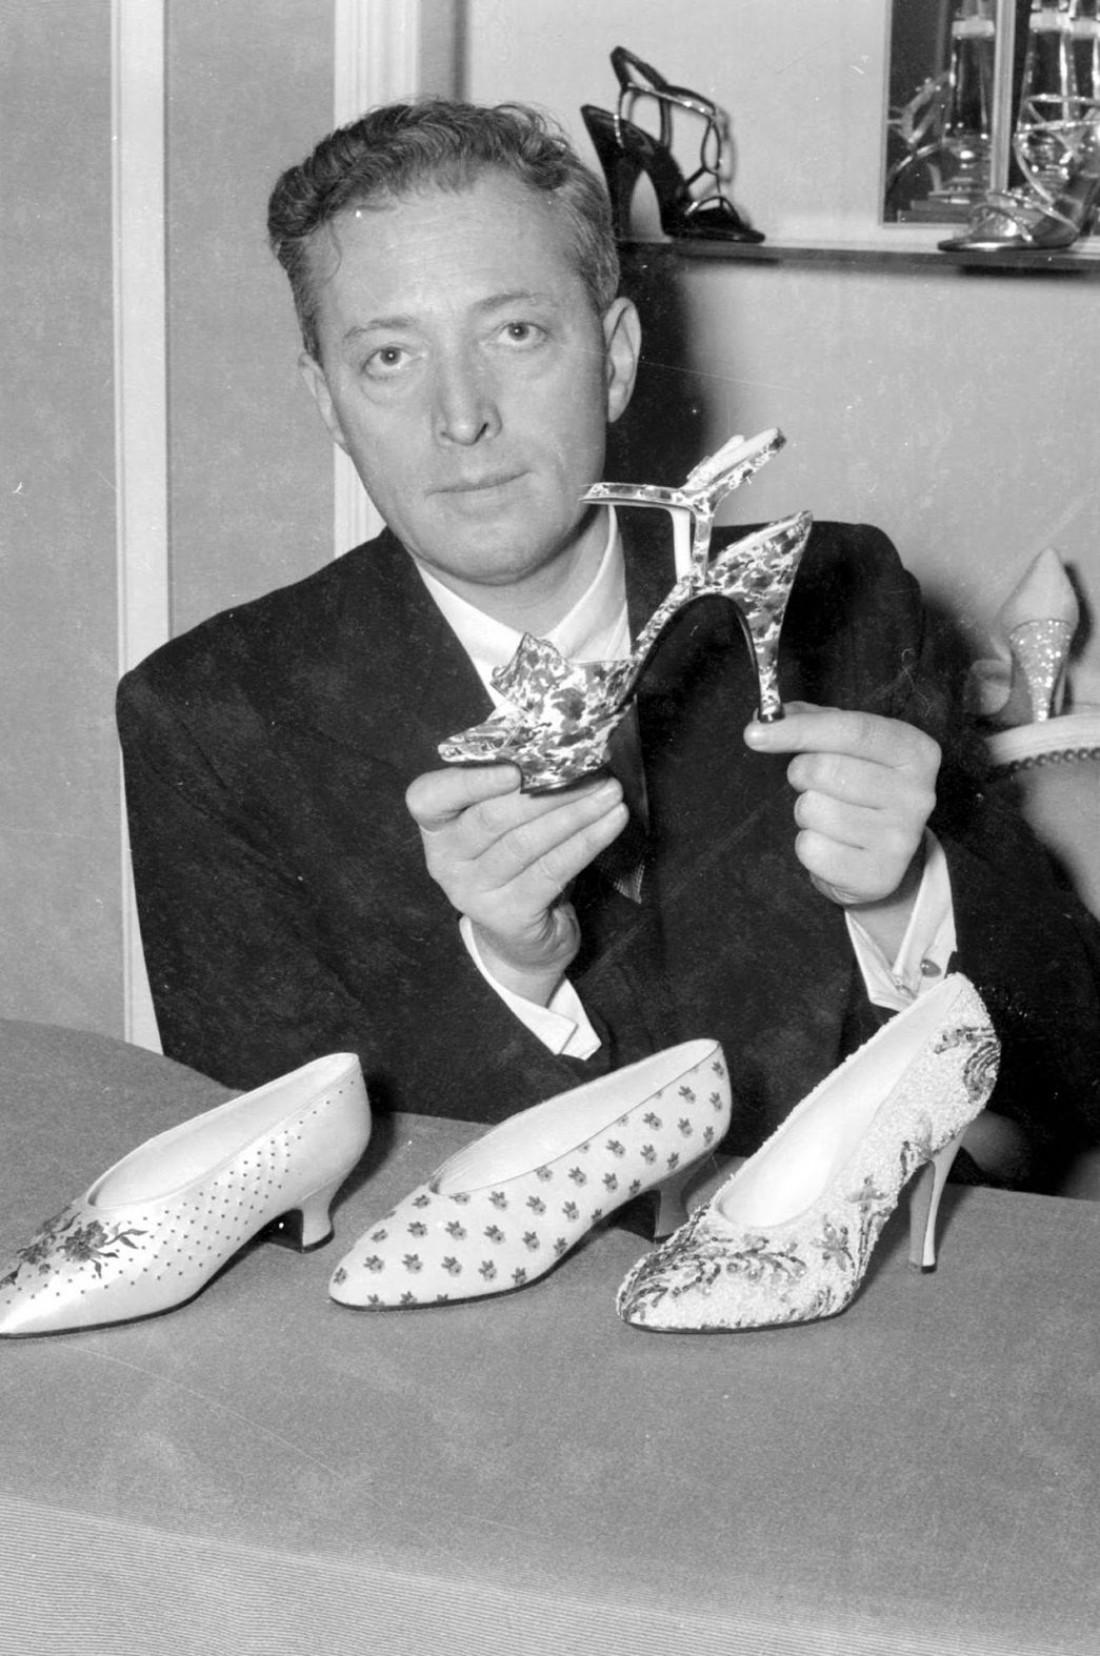 Дизайнер Роджер Вивьер гордо демонстрирует туфли на шпильке